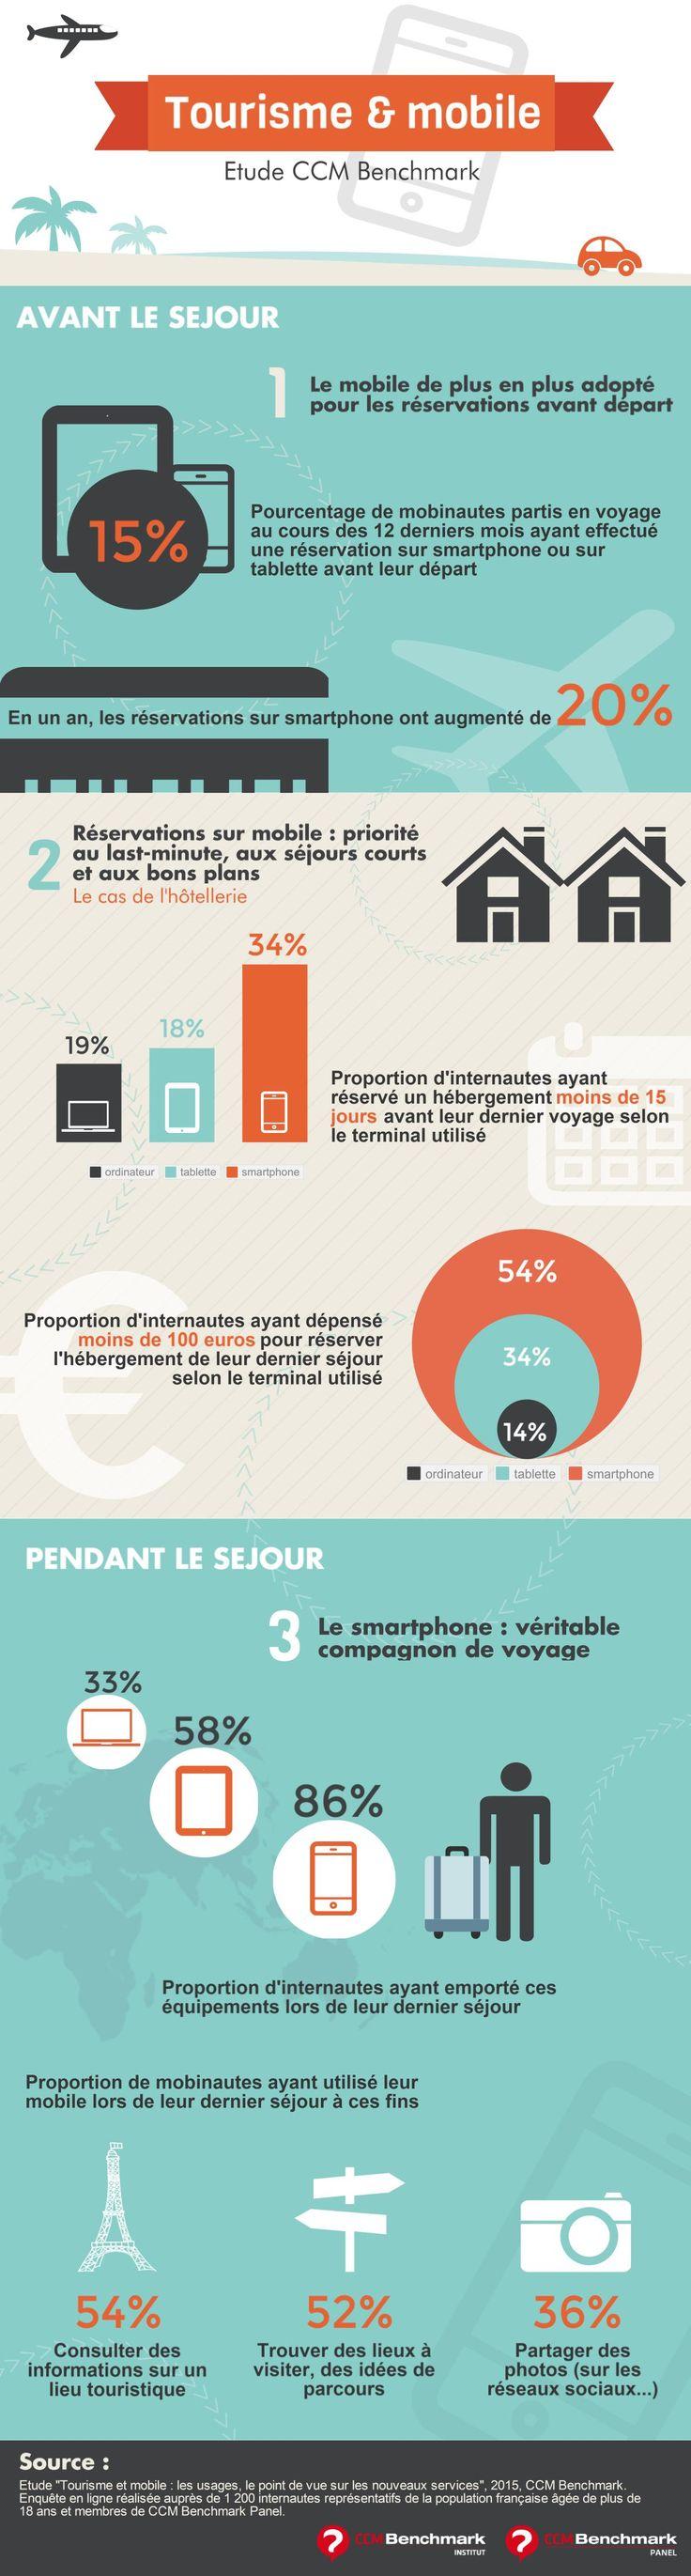 Quelques chiffres sur le comportement des consommateurs lors de la préparation et de la réservation de leur séjour. #etourisme #infographie                                                                               More